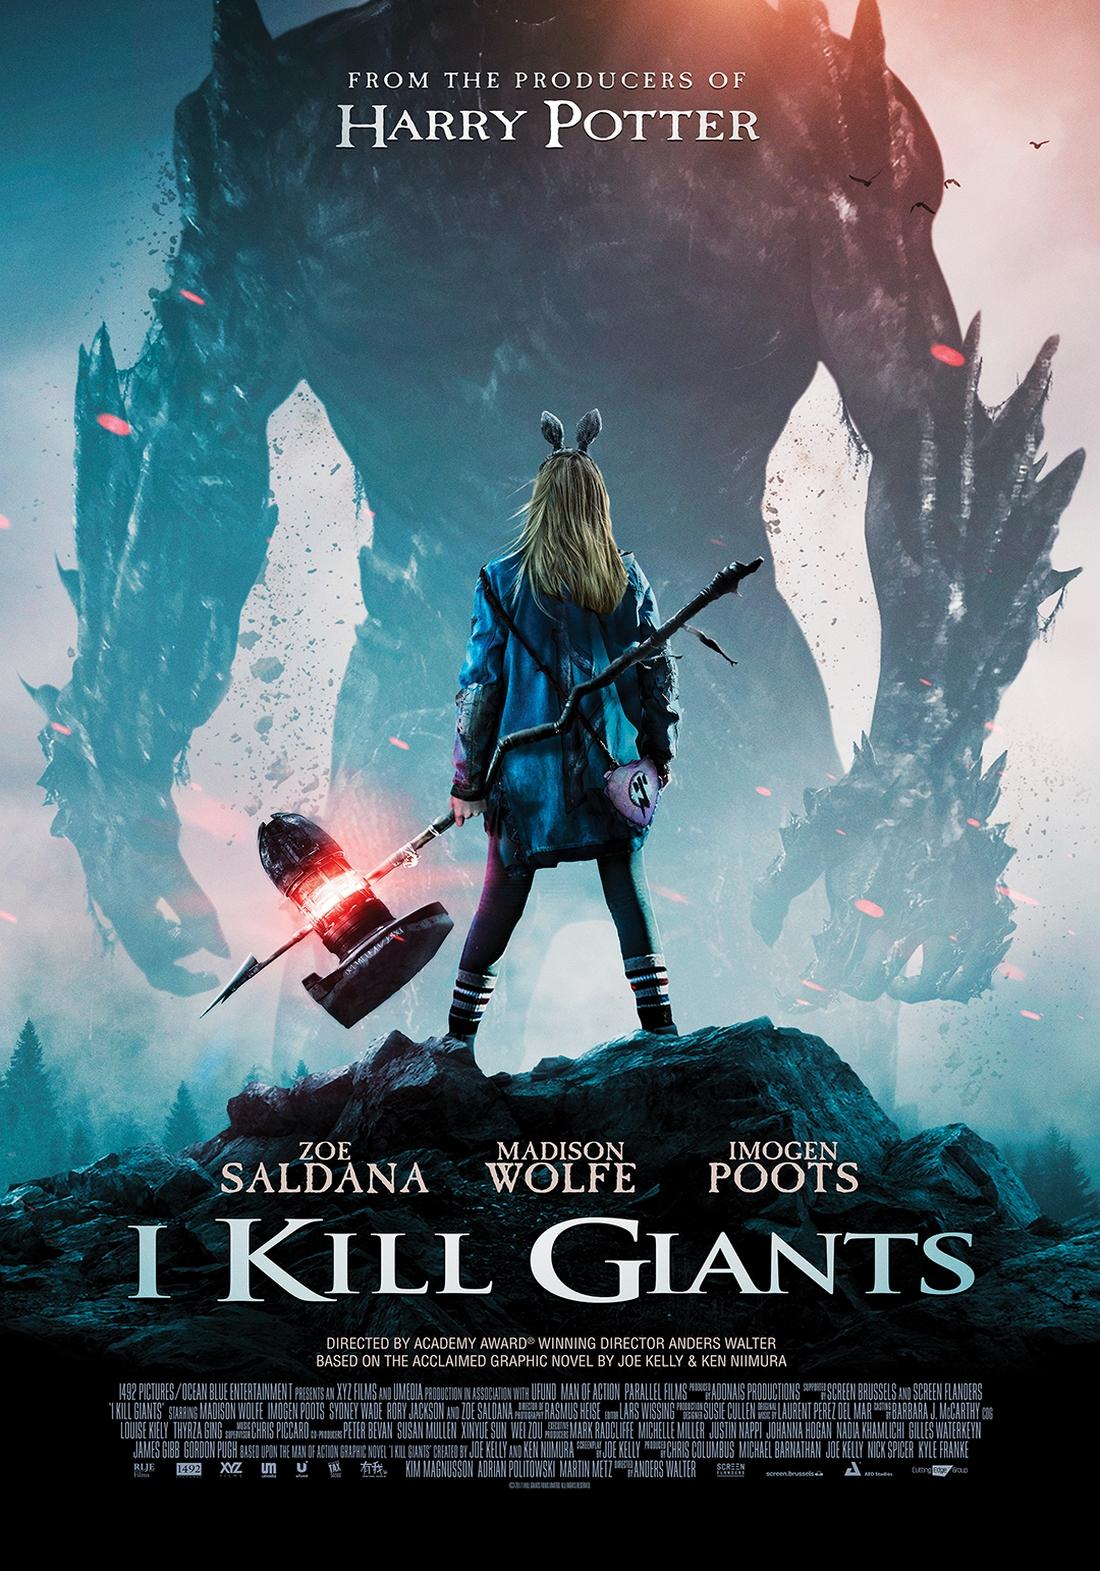 I kill giants - Zabijam gigantów